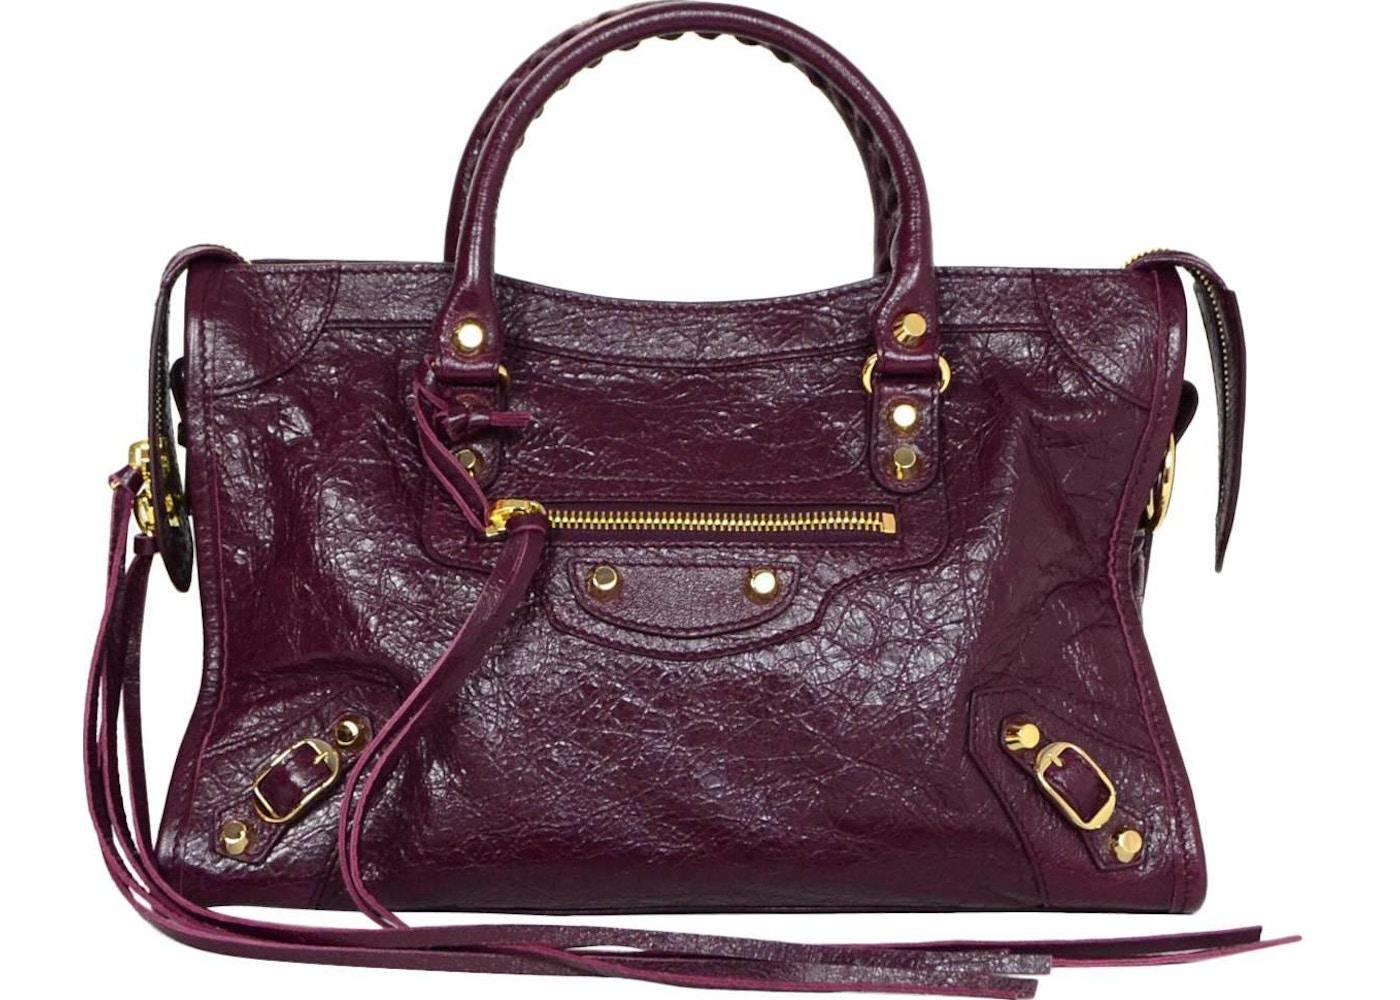 cbdb2ccd980 Balenciaga City Classic Shoulder Bag Distressed Small Burgundy. Distressed  Small Burgundy